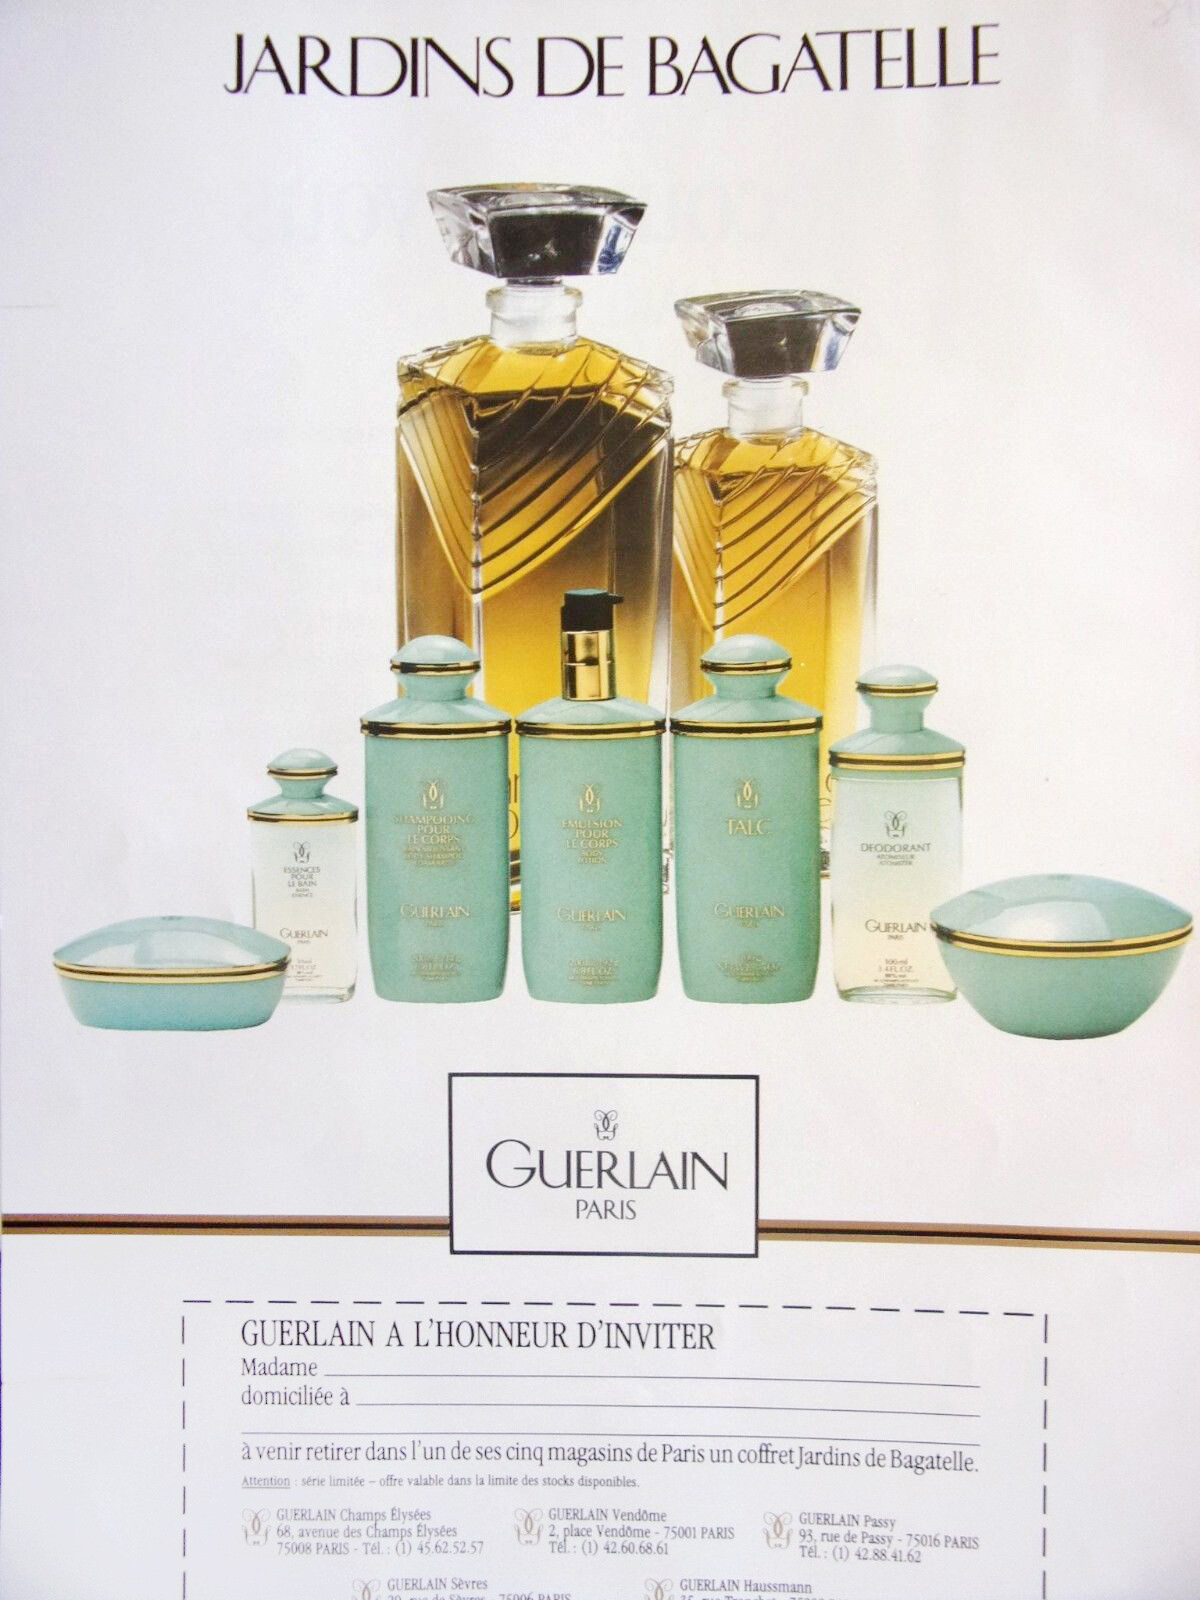 Guerlain - Jardins De Bagatelle Eau De Toilette   Reviews tout Jardin De Bagatelle Parfum